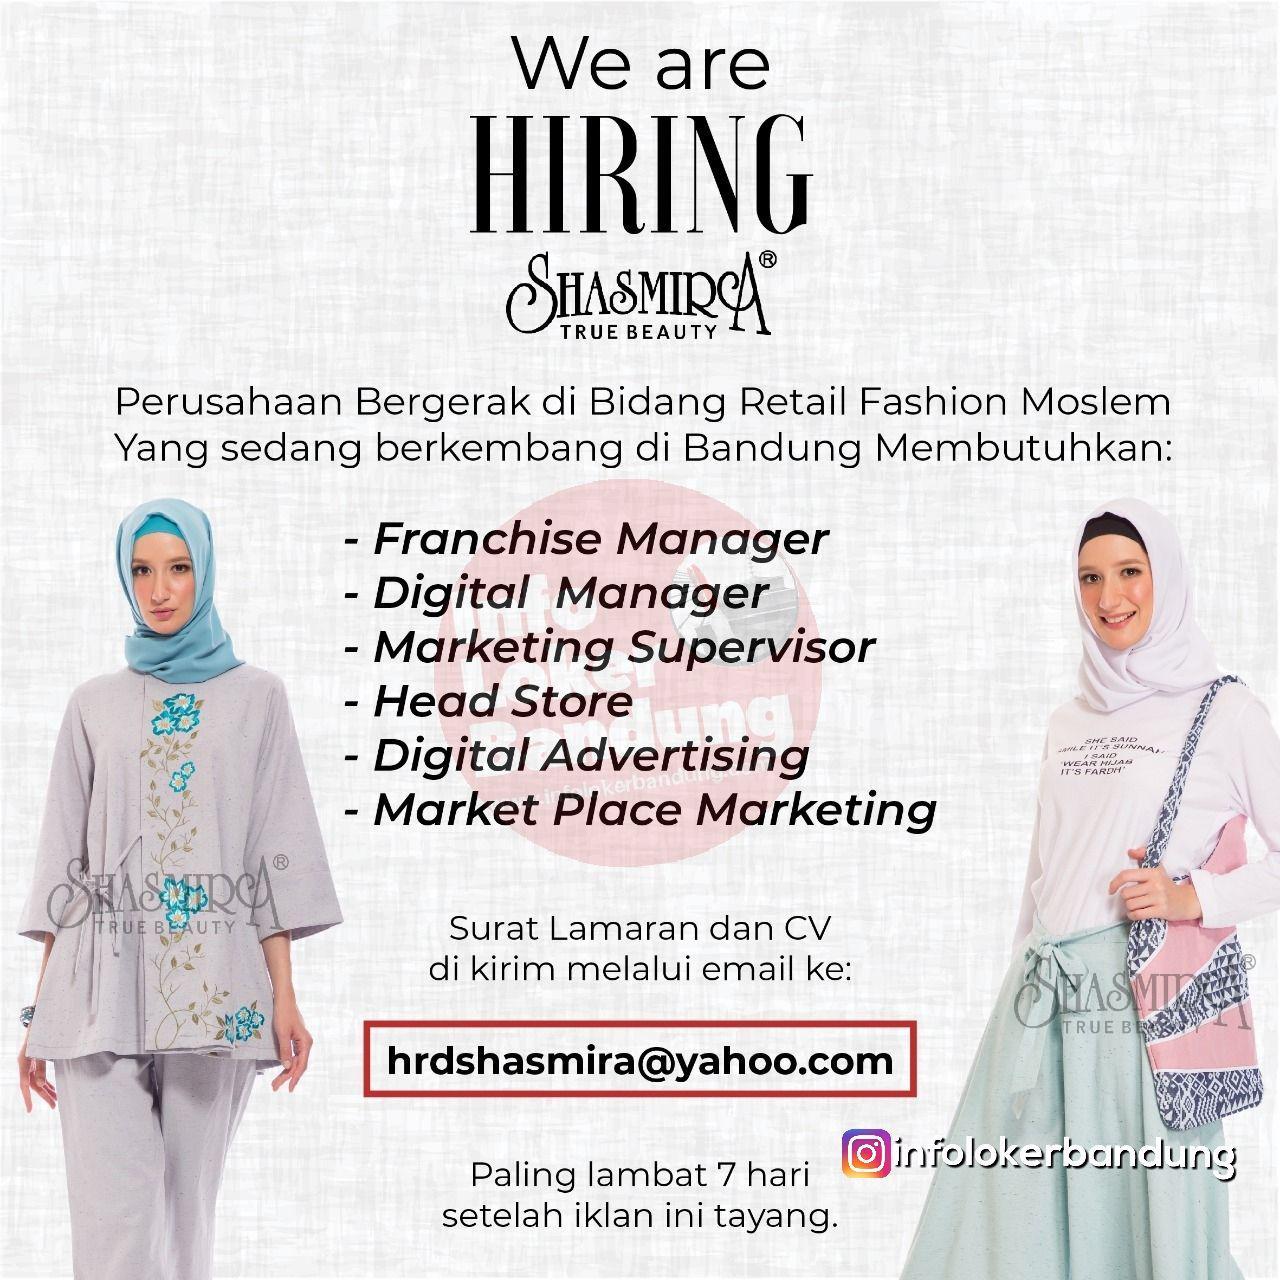 Lowongan Kerja Shasmira True Beauty Bandung Januari 2019